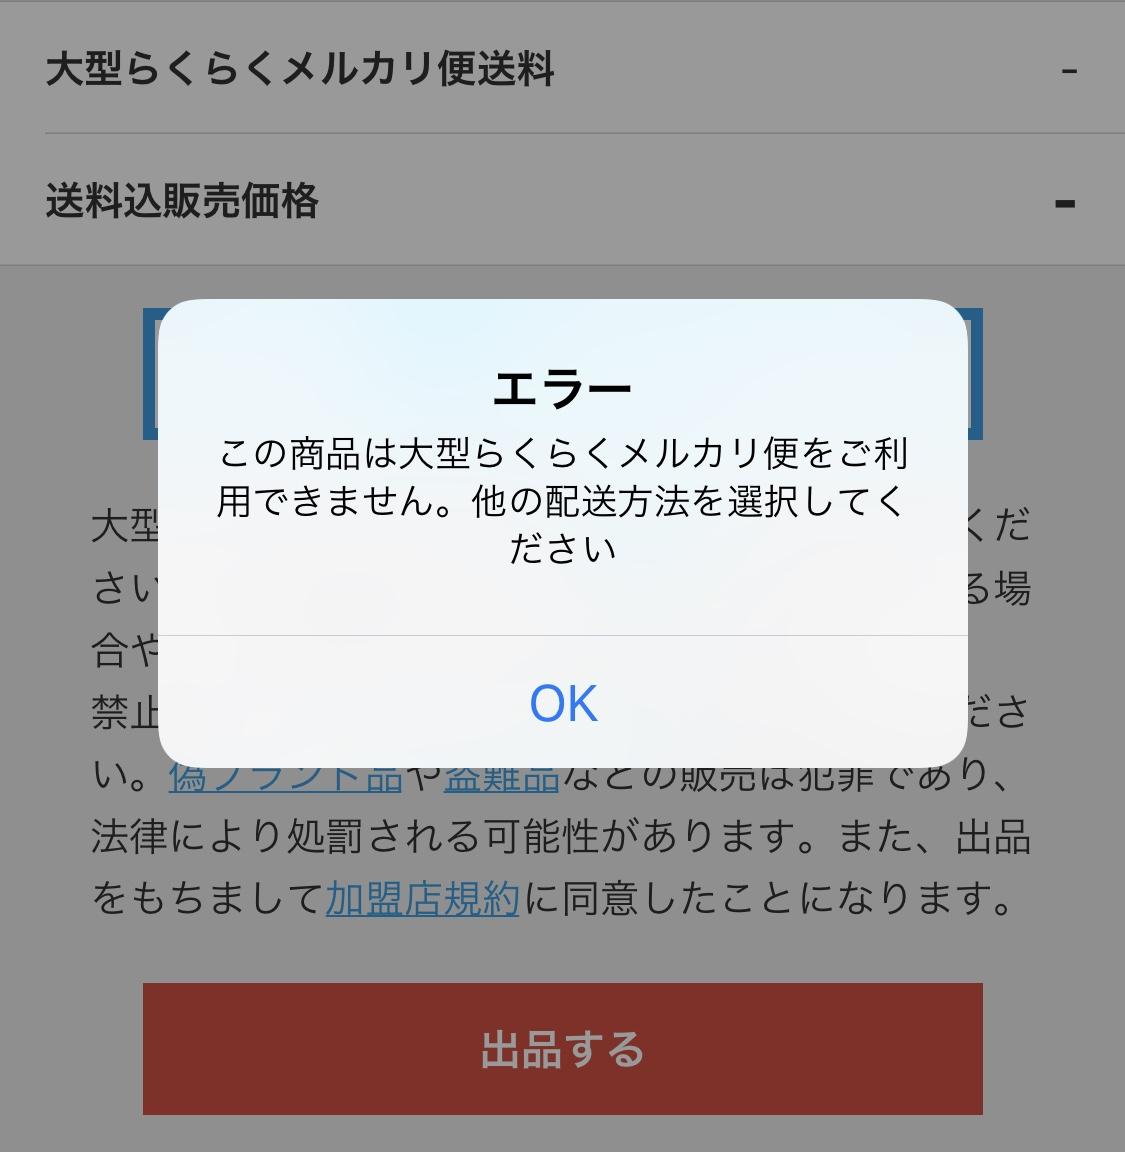 f:id:ishii-akihiro:20190801184712j:plain